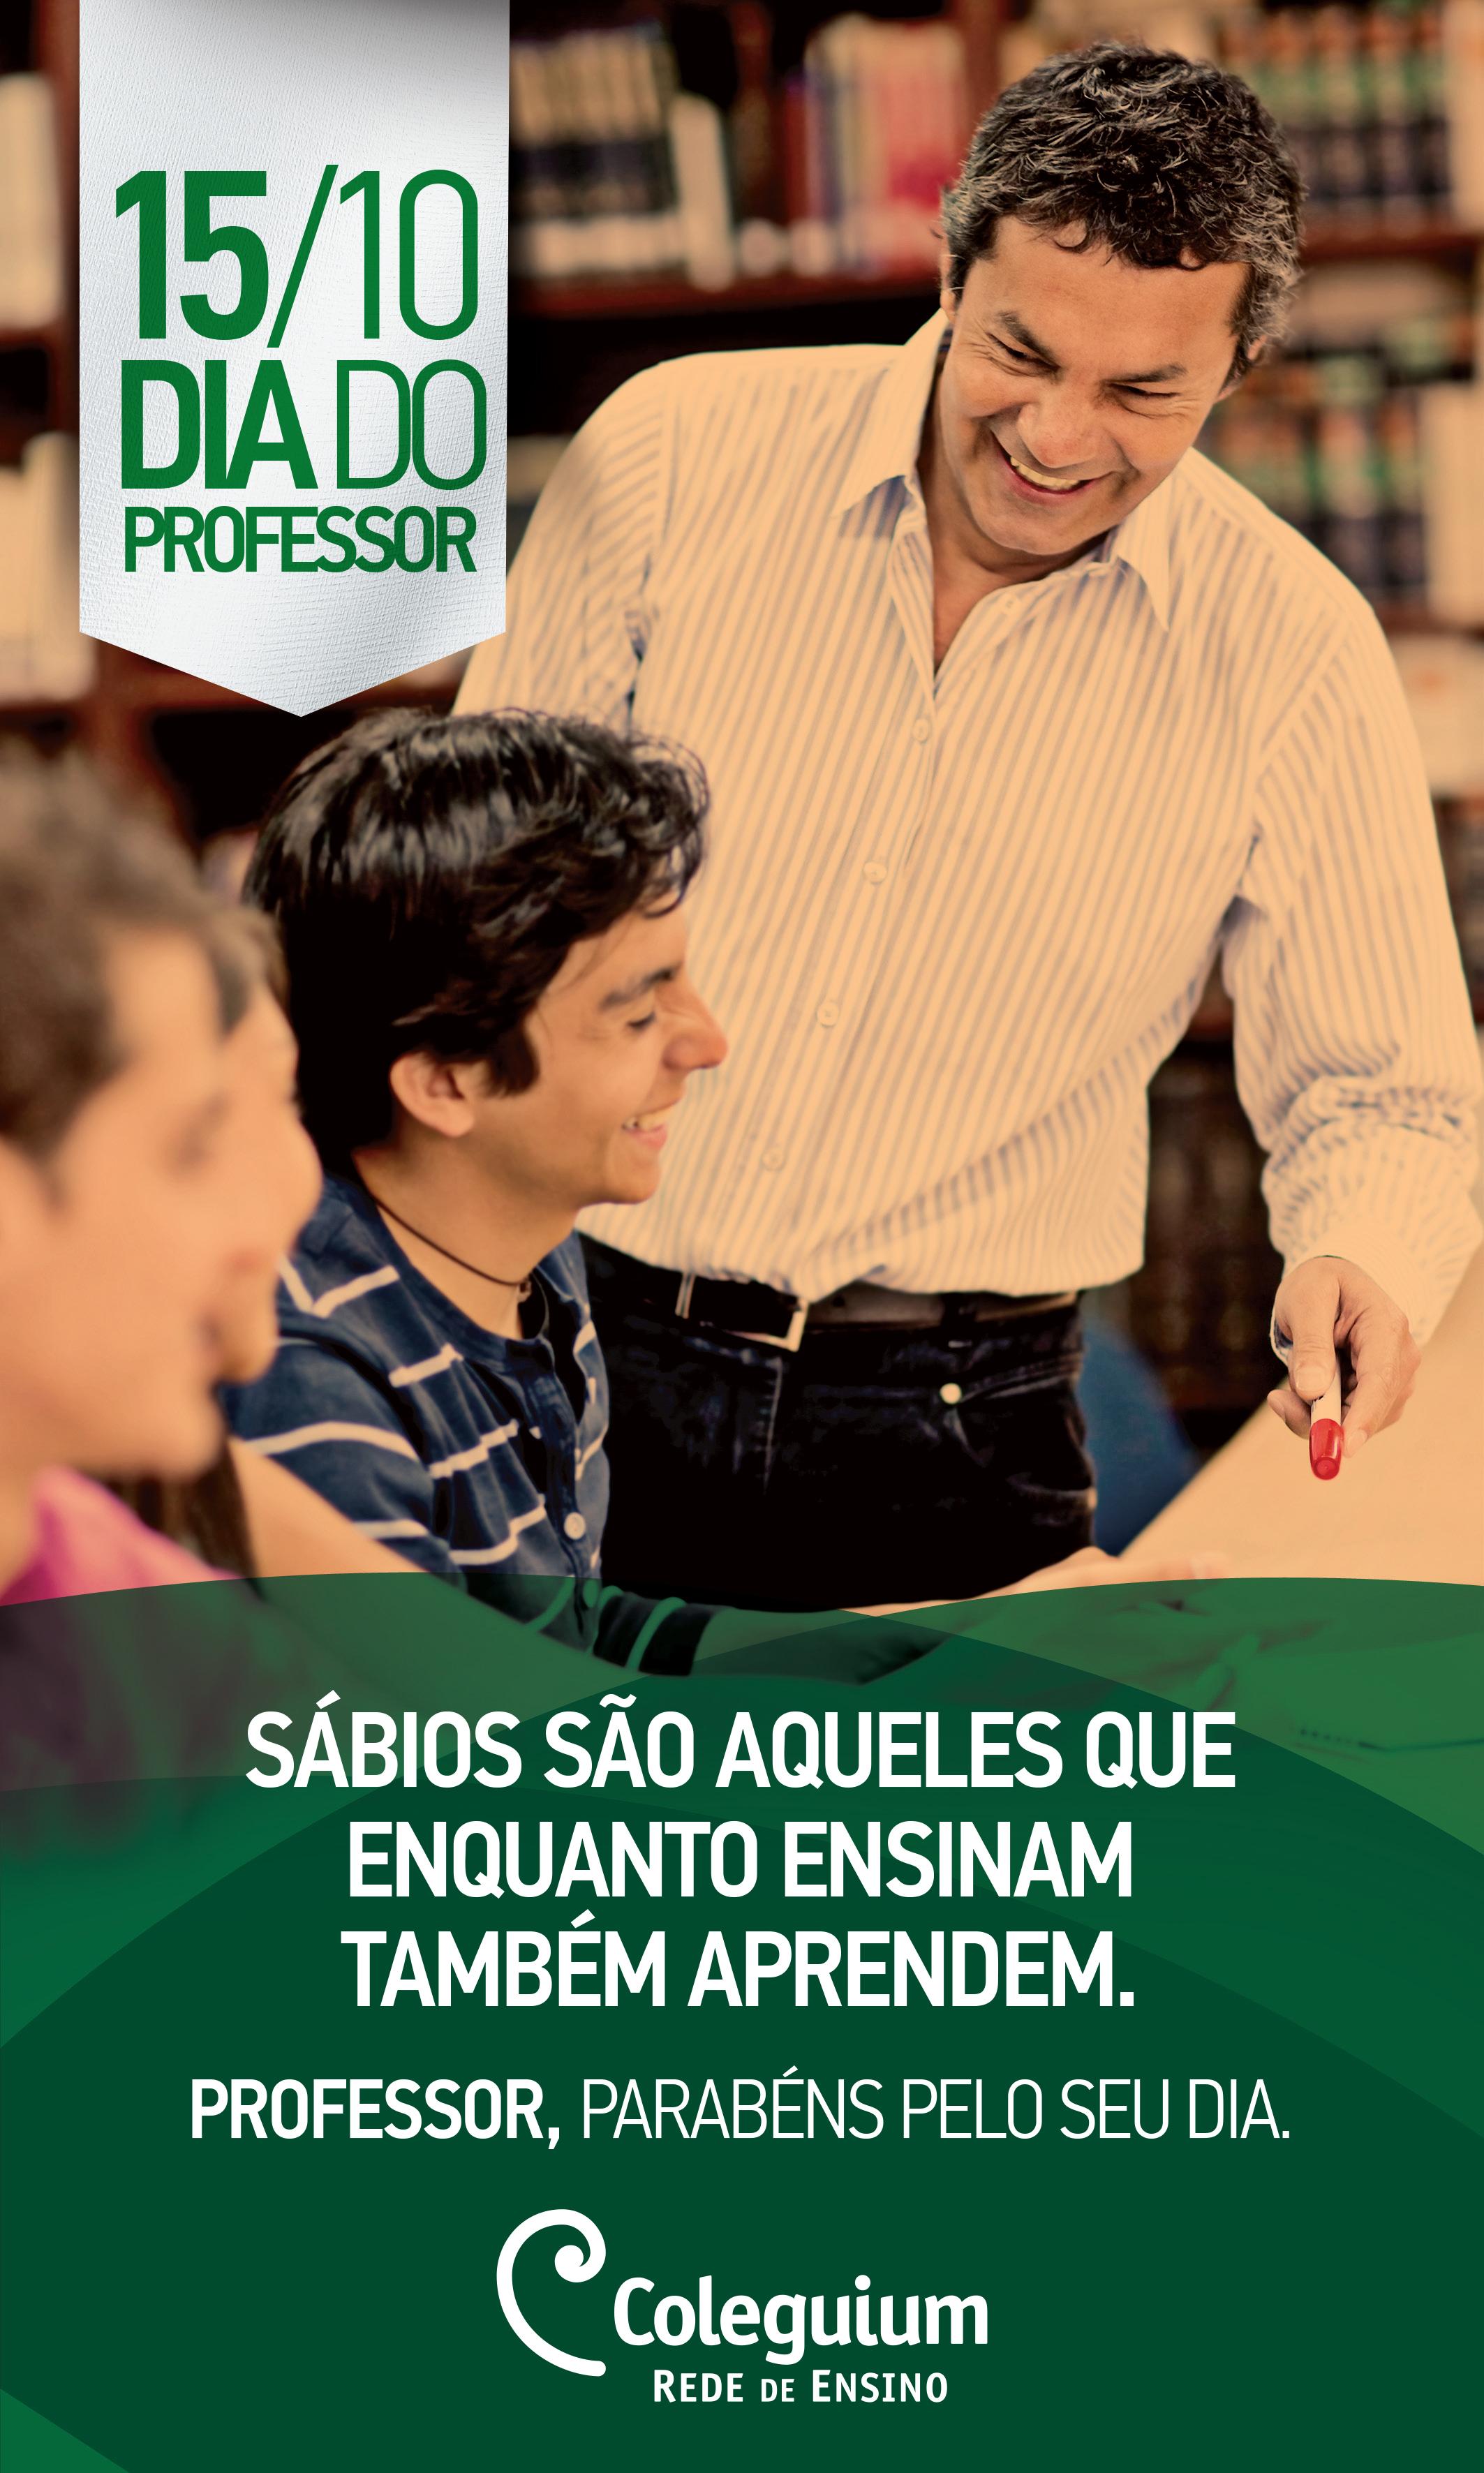 [SAIDA] Banners_professores_coleguium_7